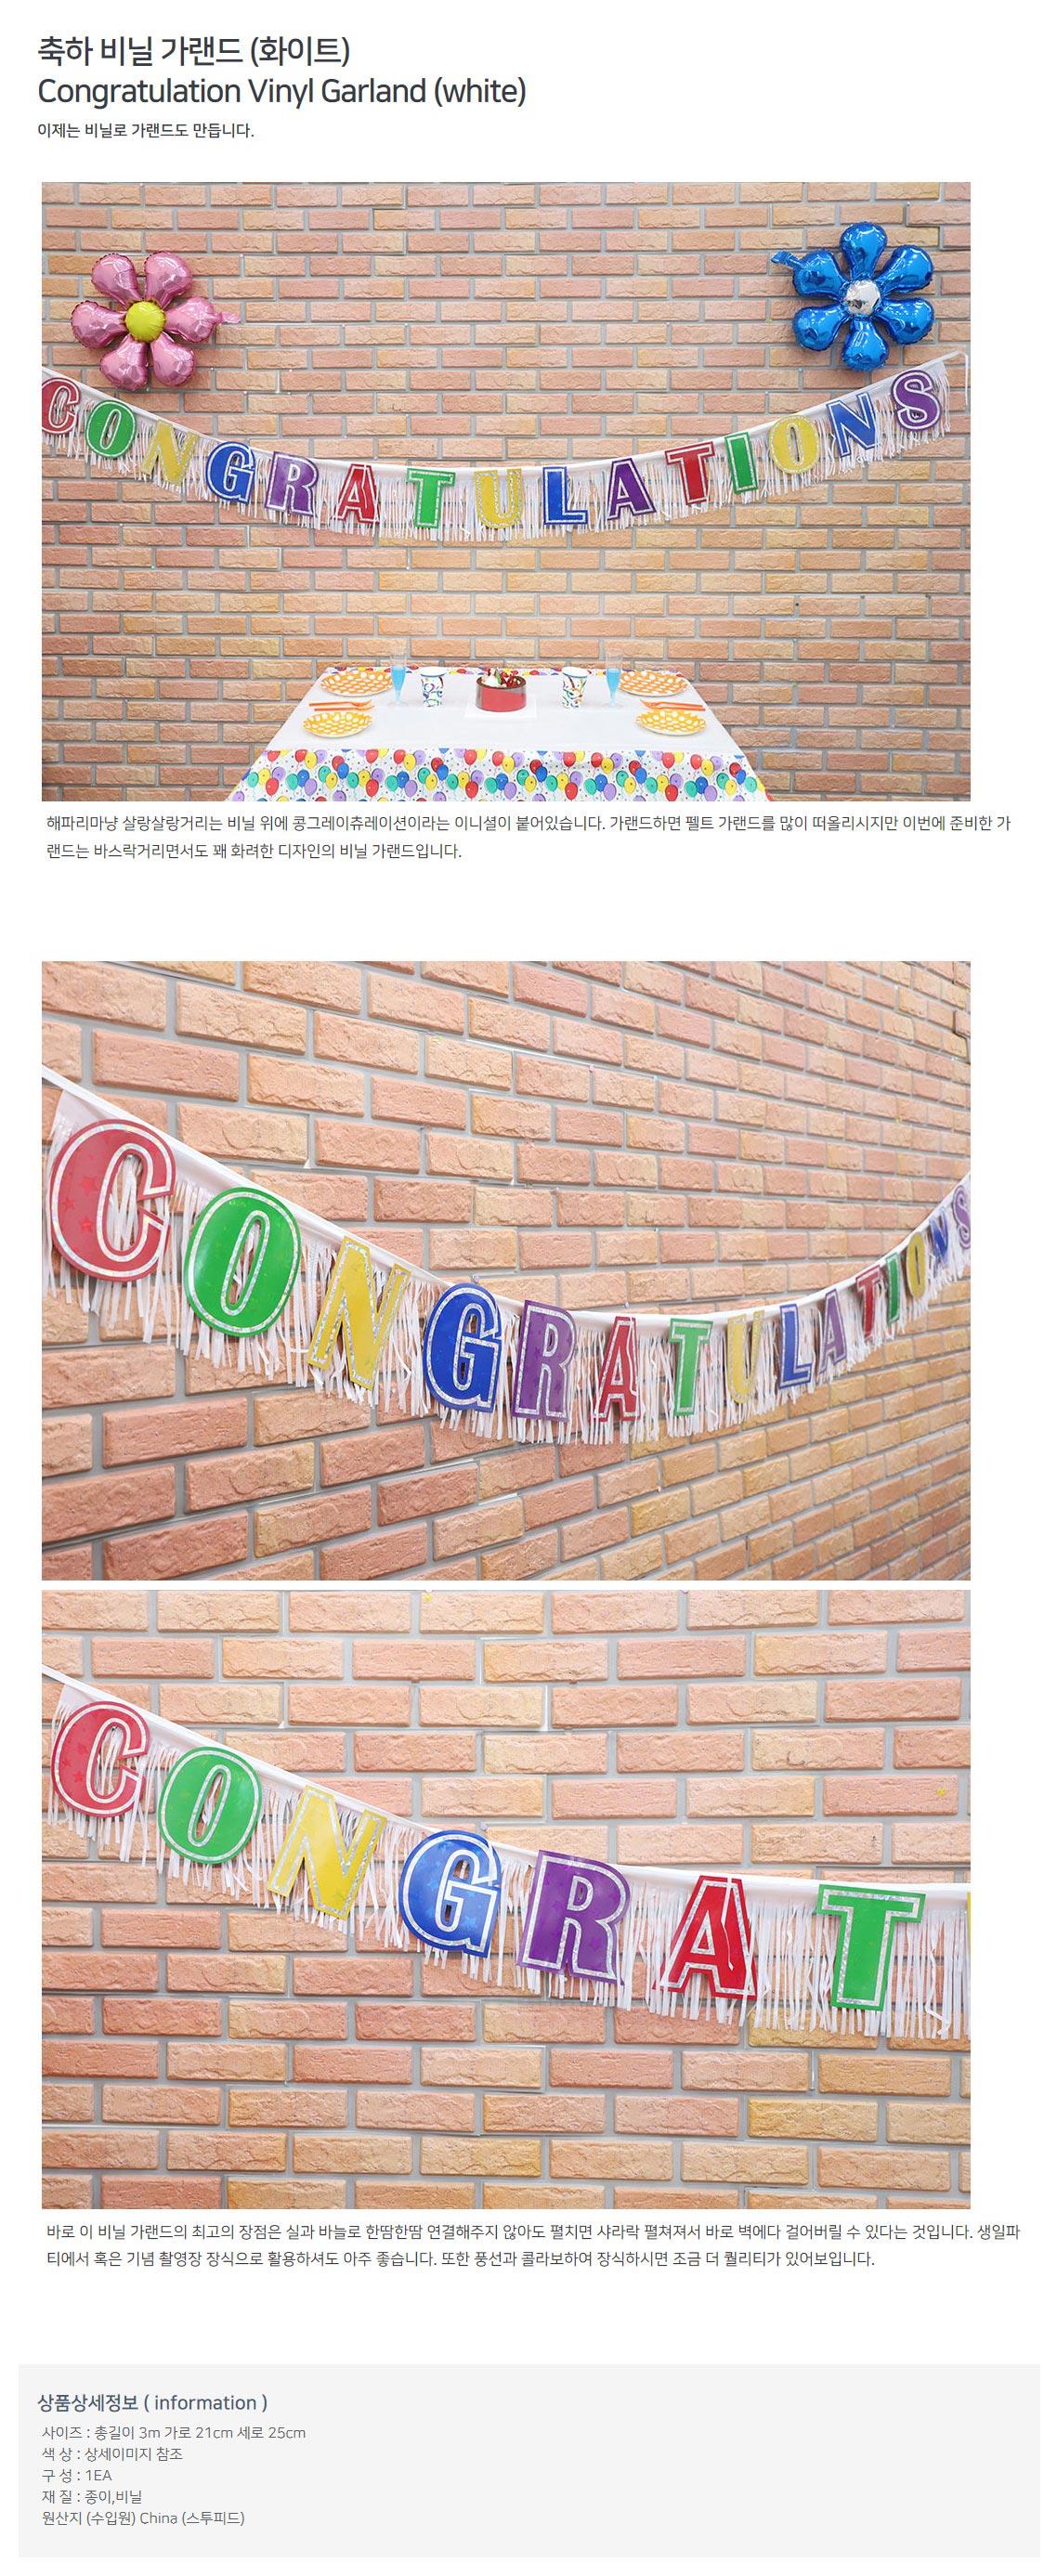 축하 비닐 가랜드 (화이트) - 스투피드, 8,000원, 파티용품, 식기/테이블/세트